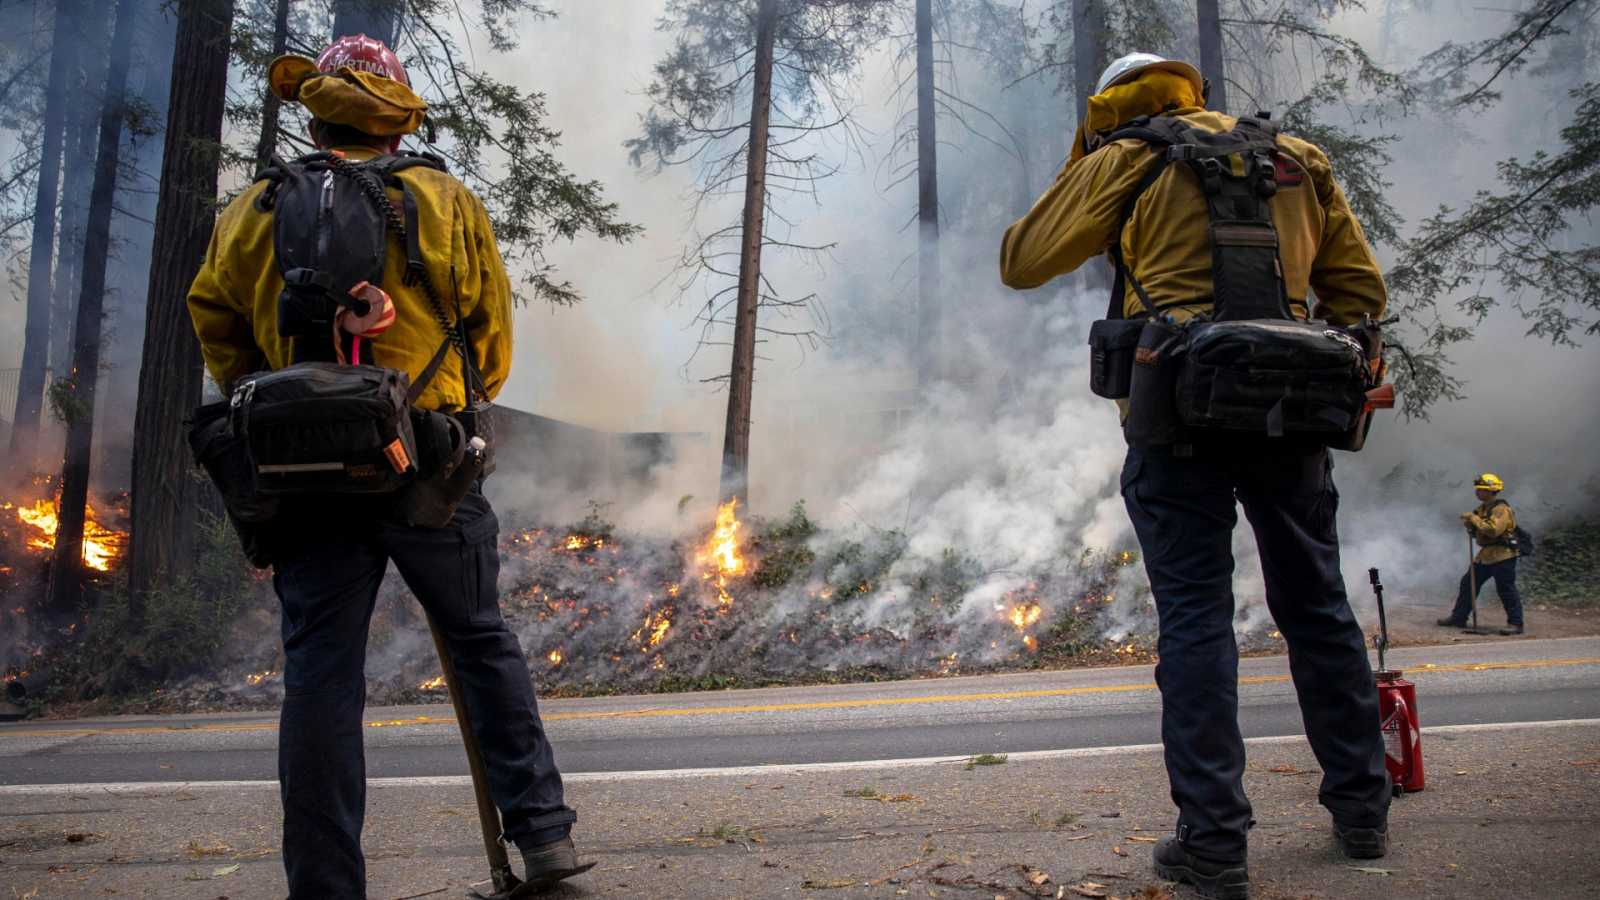 El incendio del norte de California es ya el segundo más grande de la historia tras devastar 400.000 hectáreas